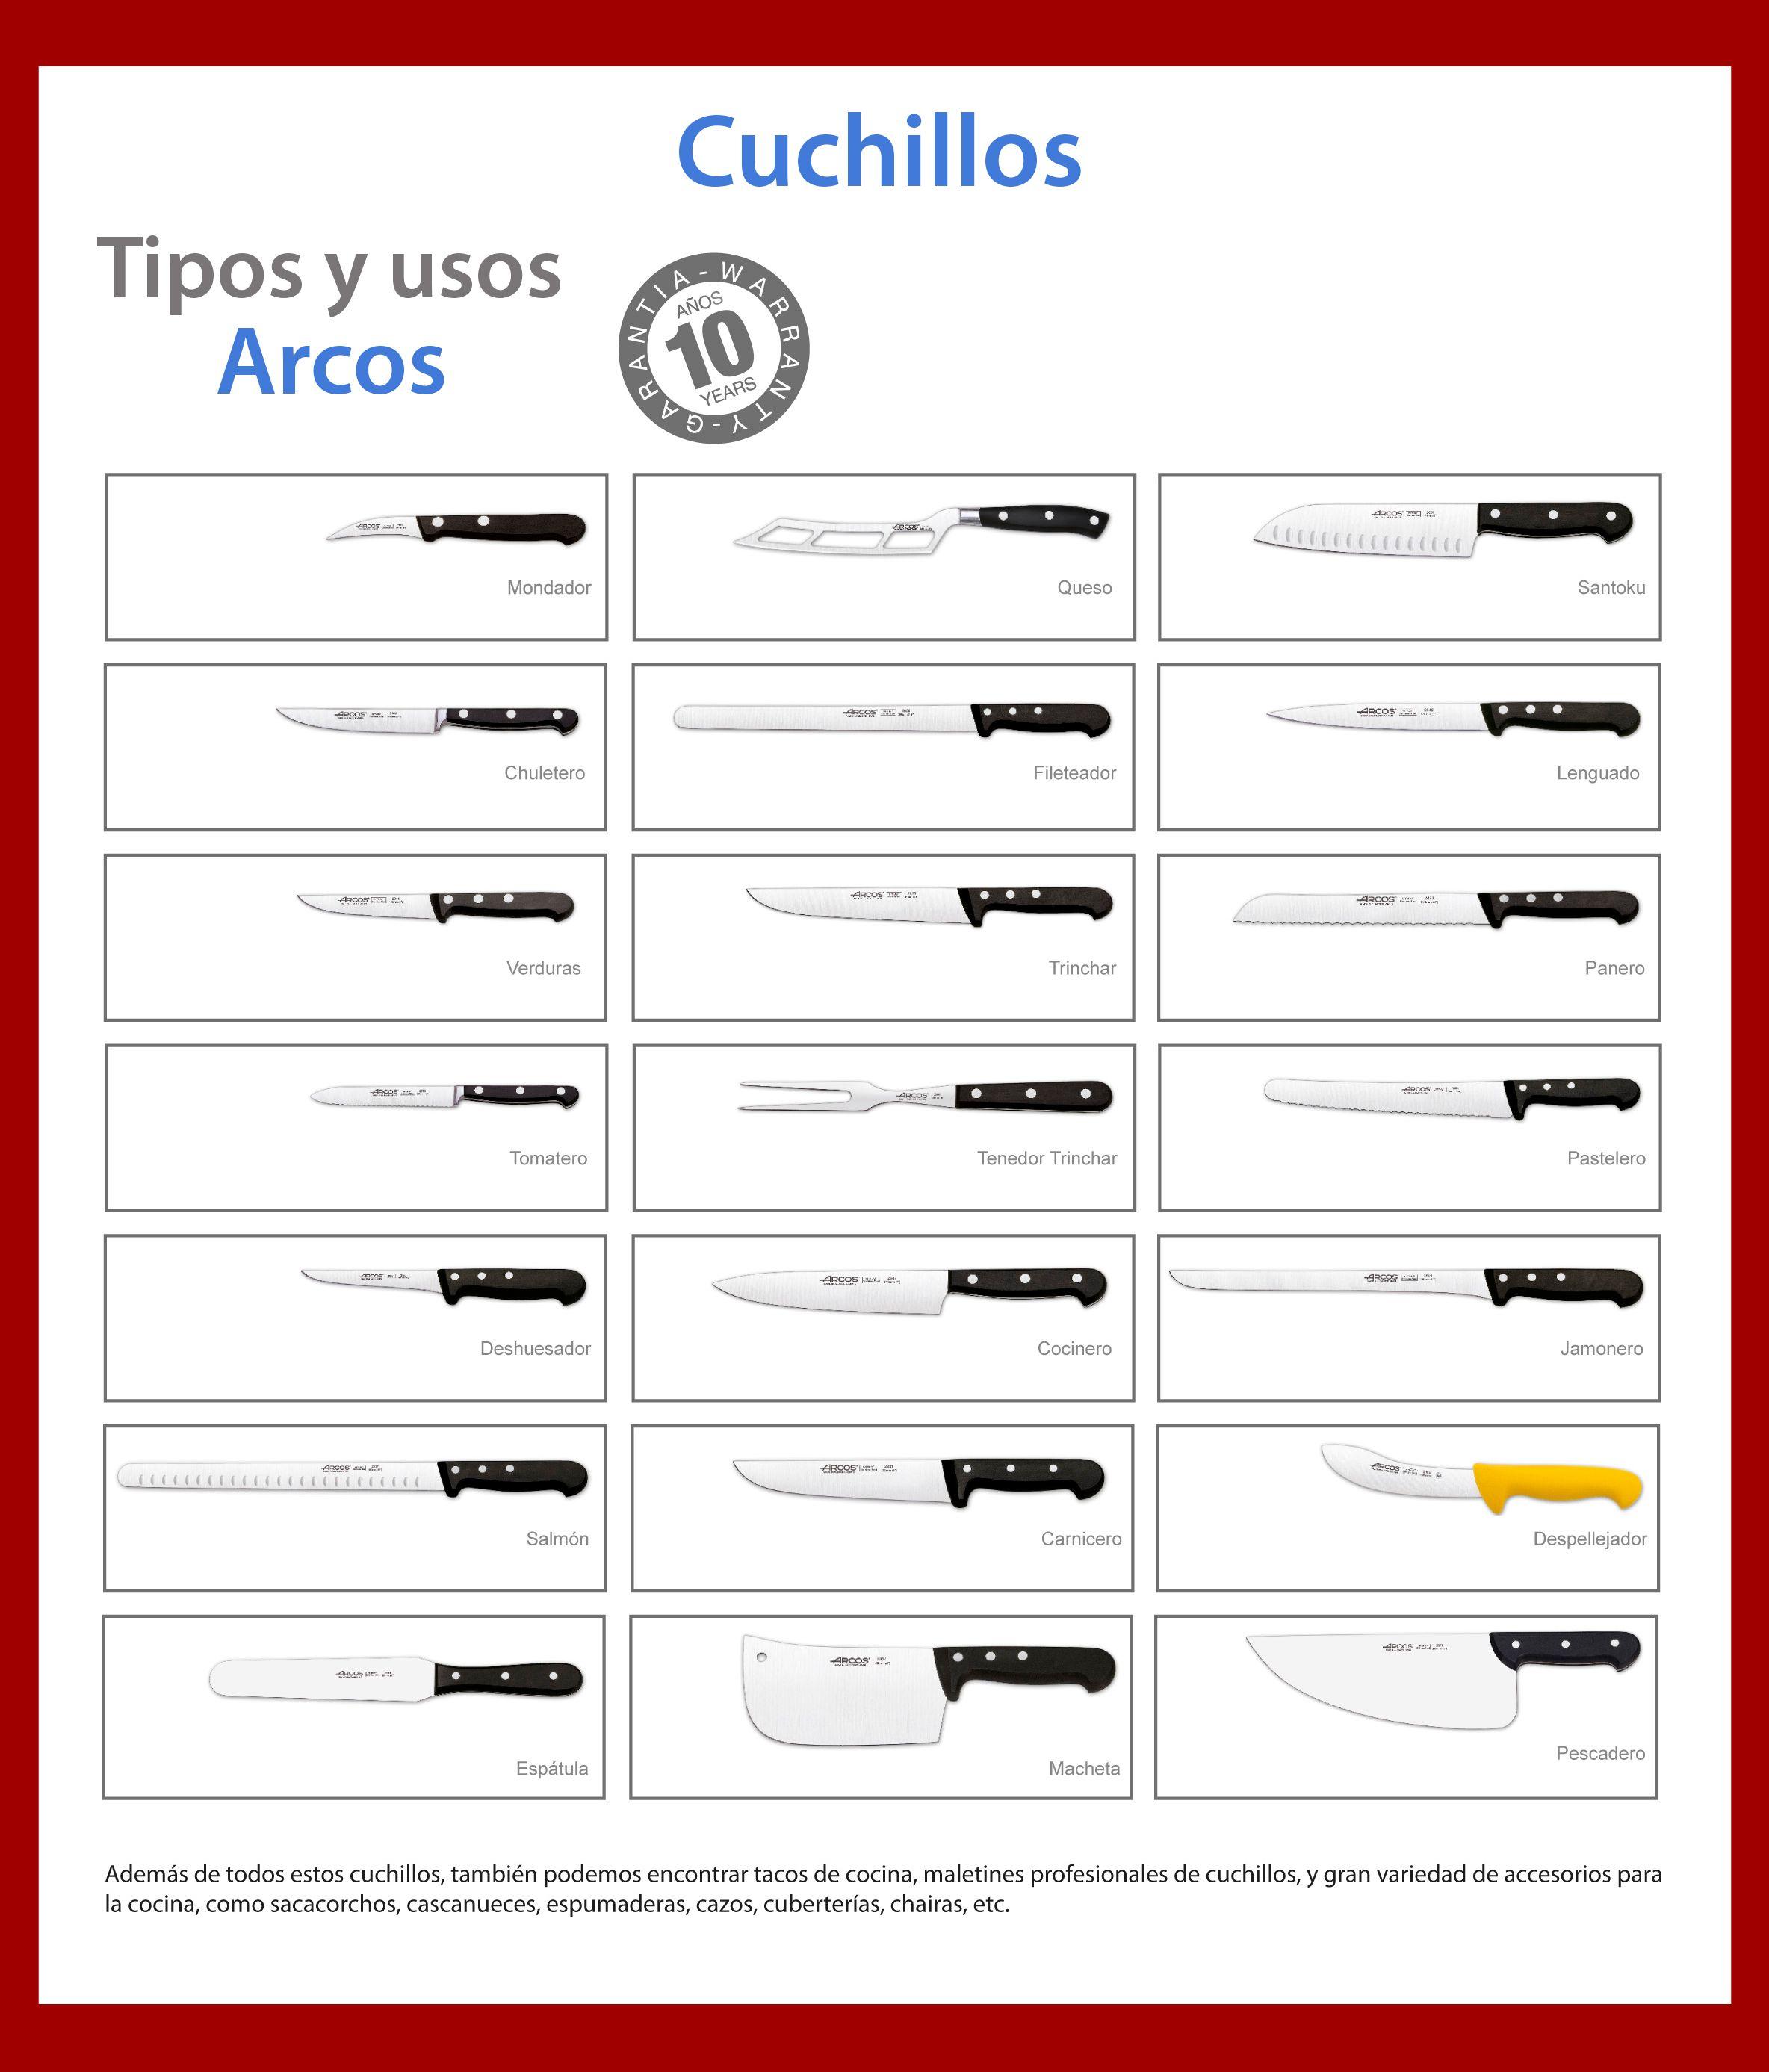 Tipos y usos de cuchillos Arco